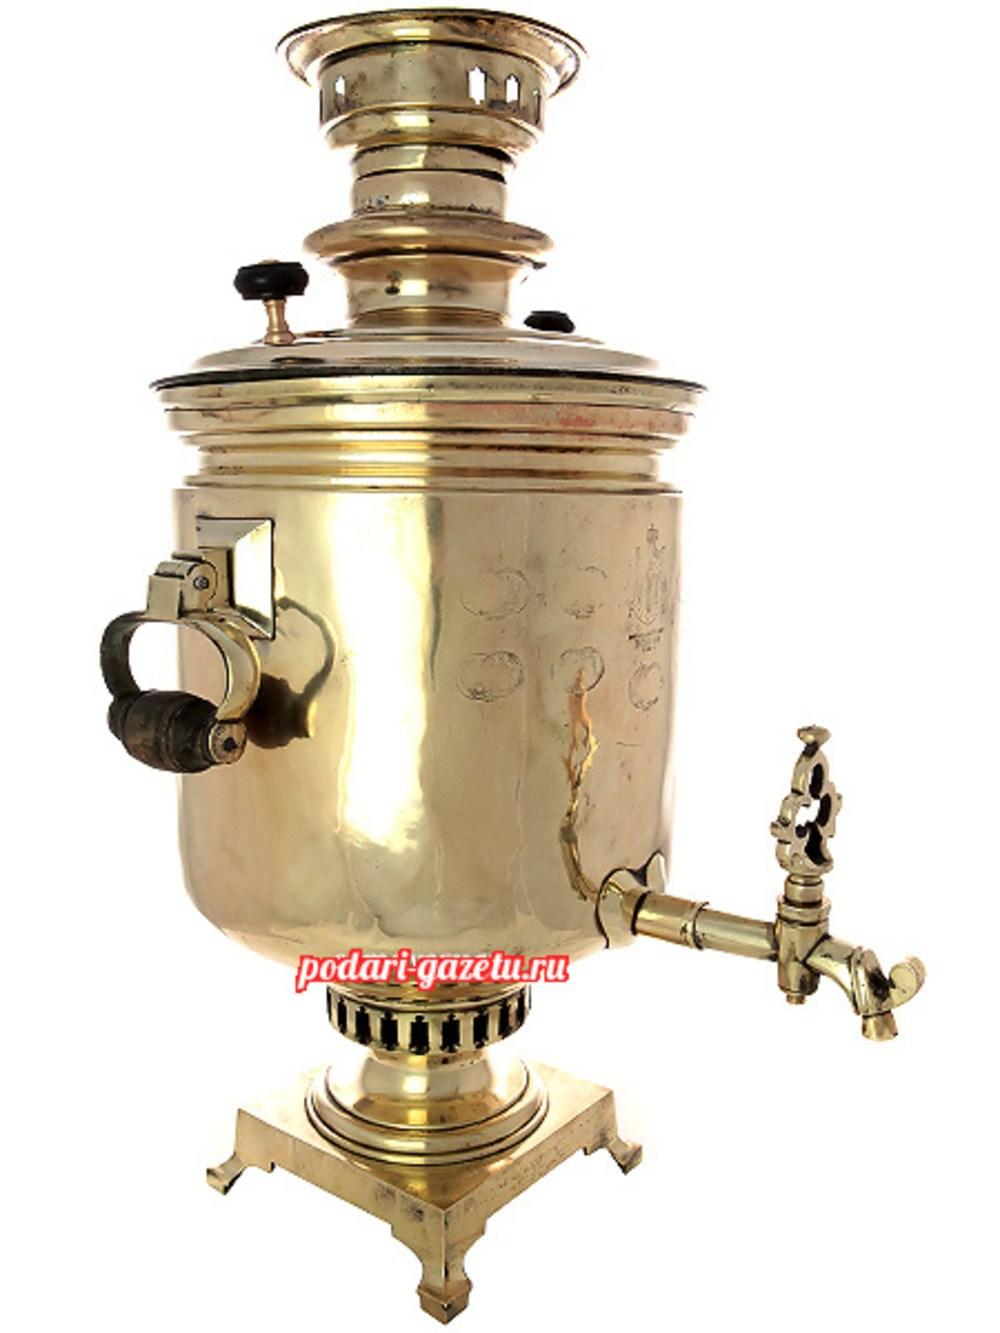 Угольный самовар (жаровой, дровяной) (12 литров) желтый цилиндр